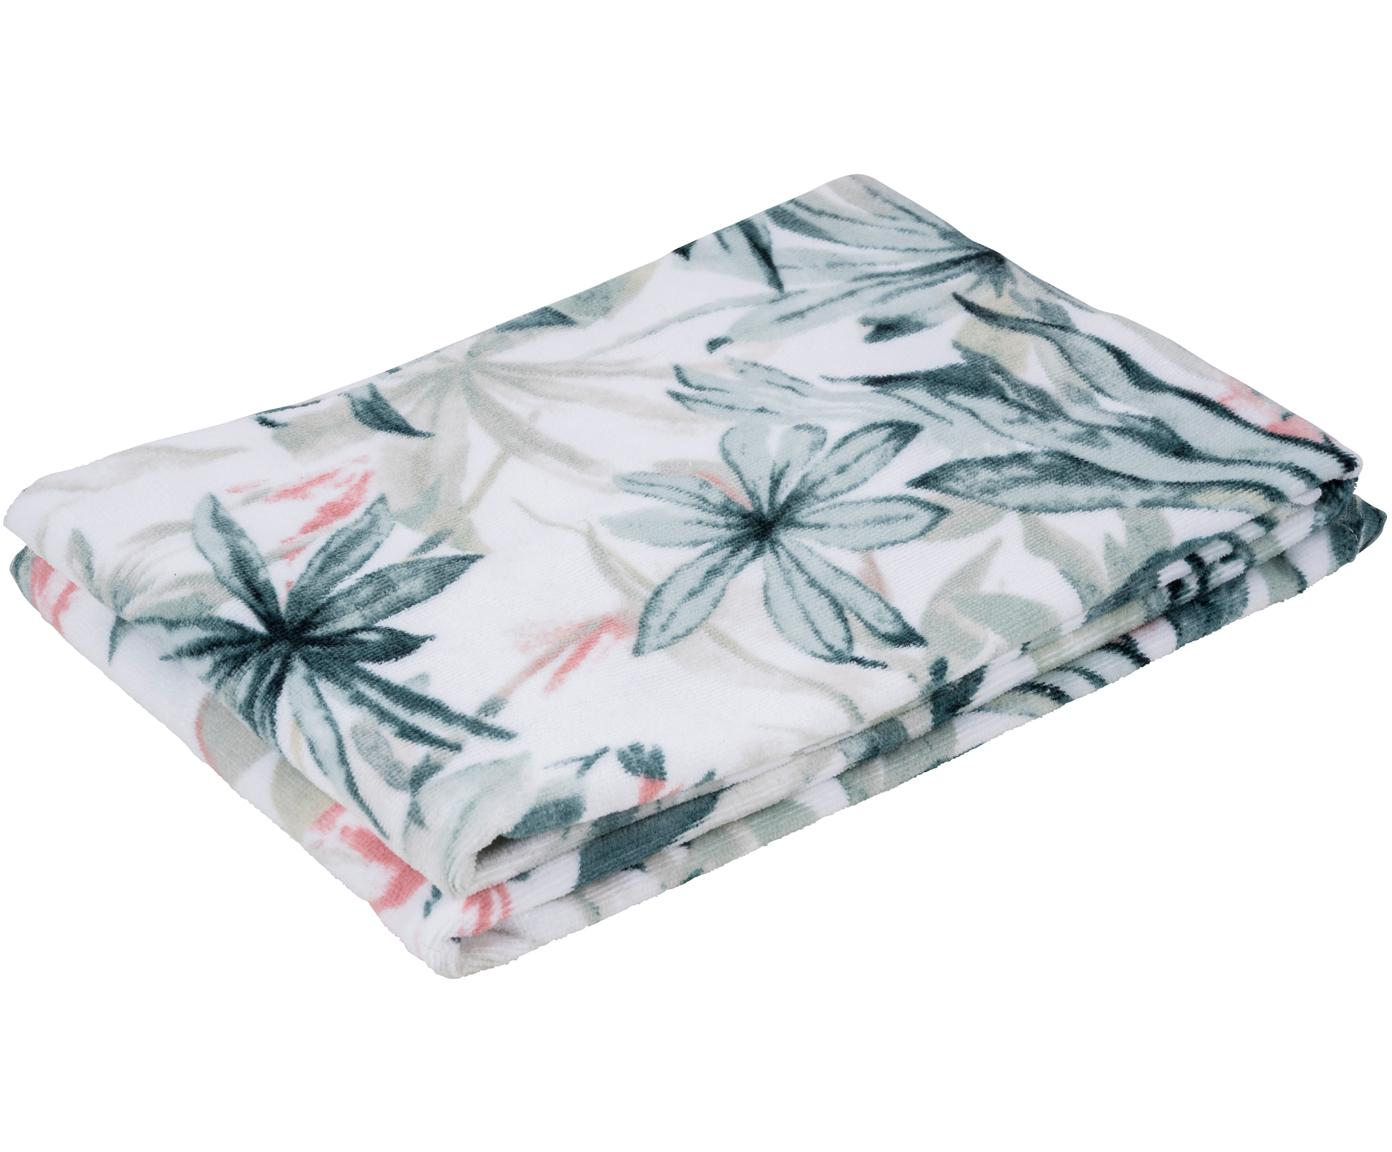 Handdoek Foglia met tropisch patroon, Katoen, Wit, multicolour, Gastendoekje